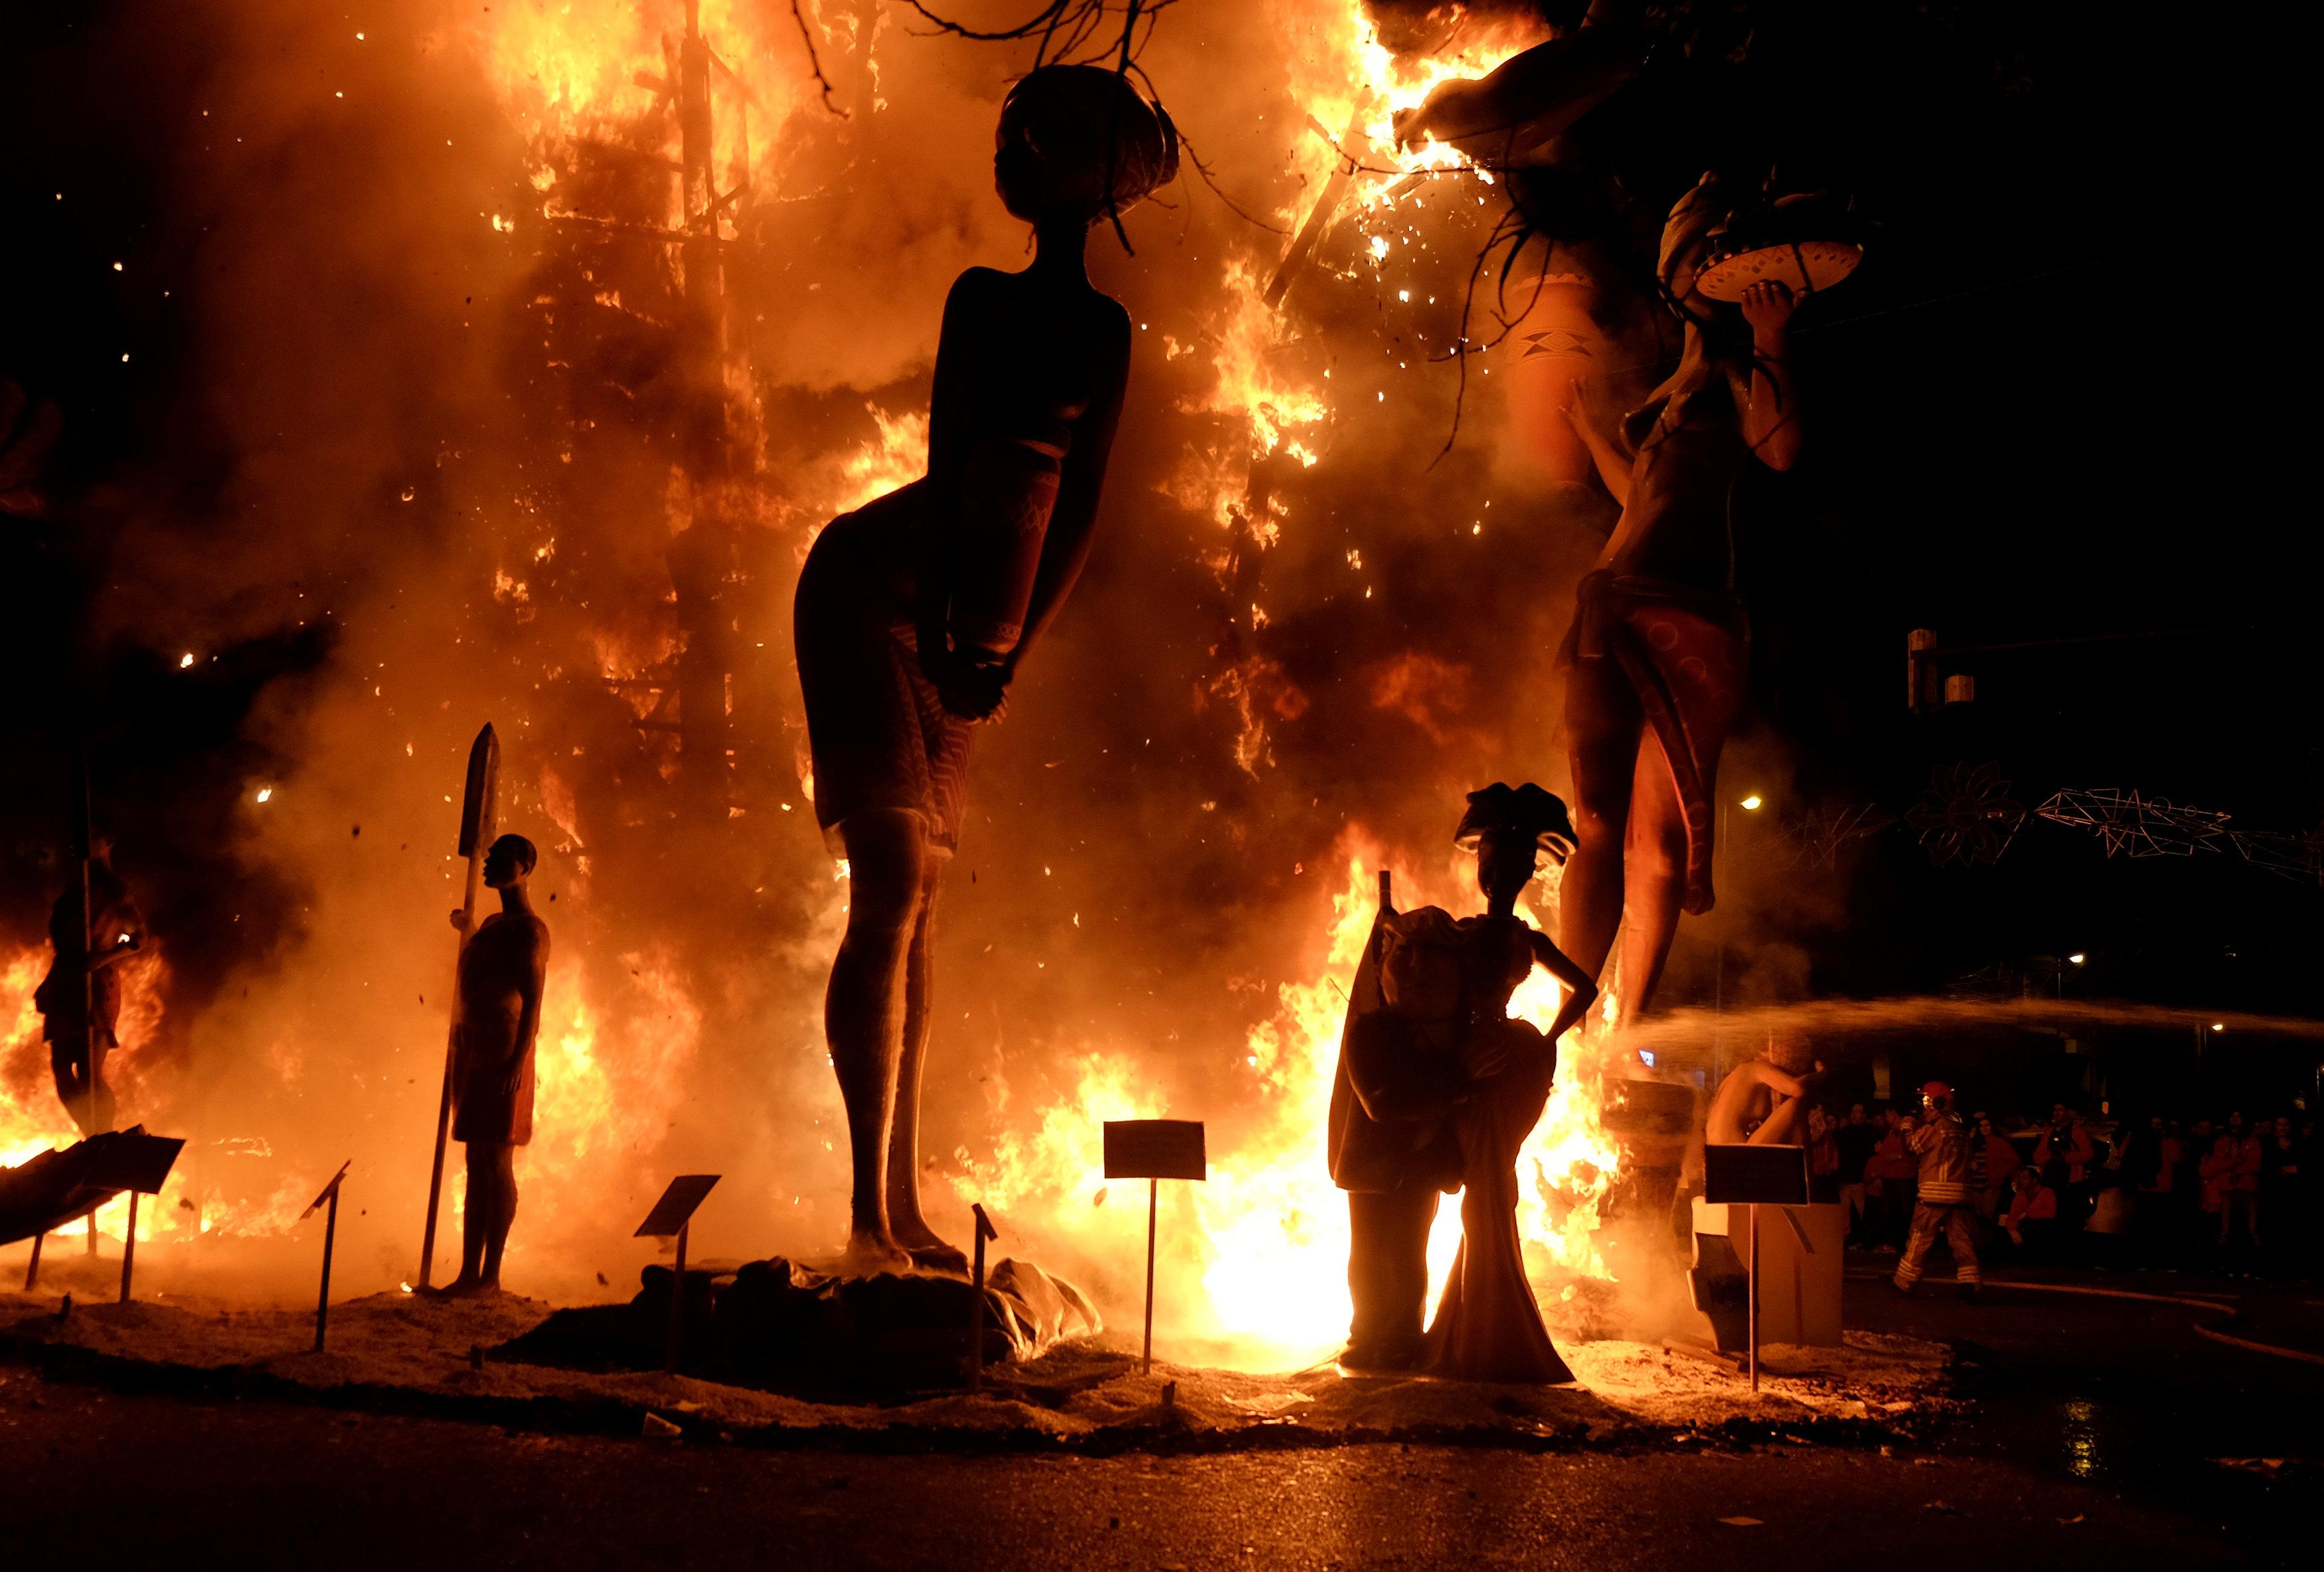 النيران تلتهم التماثيل احتفالا بقدوم الربيع فى إسبانيا